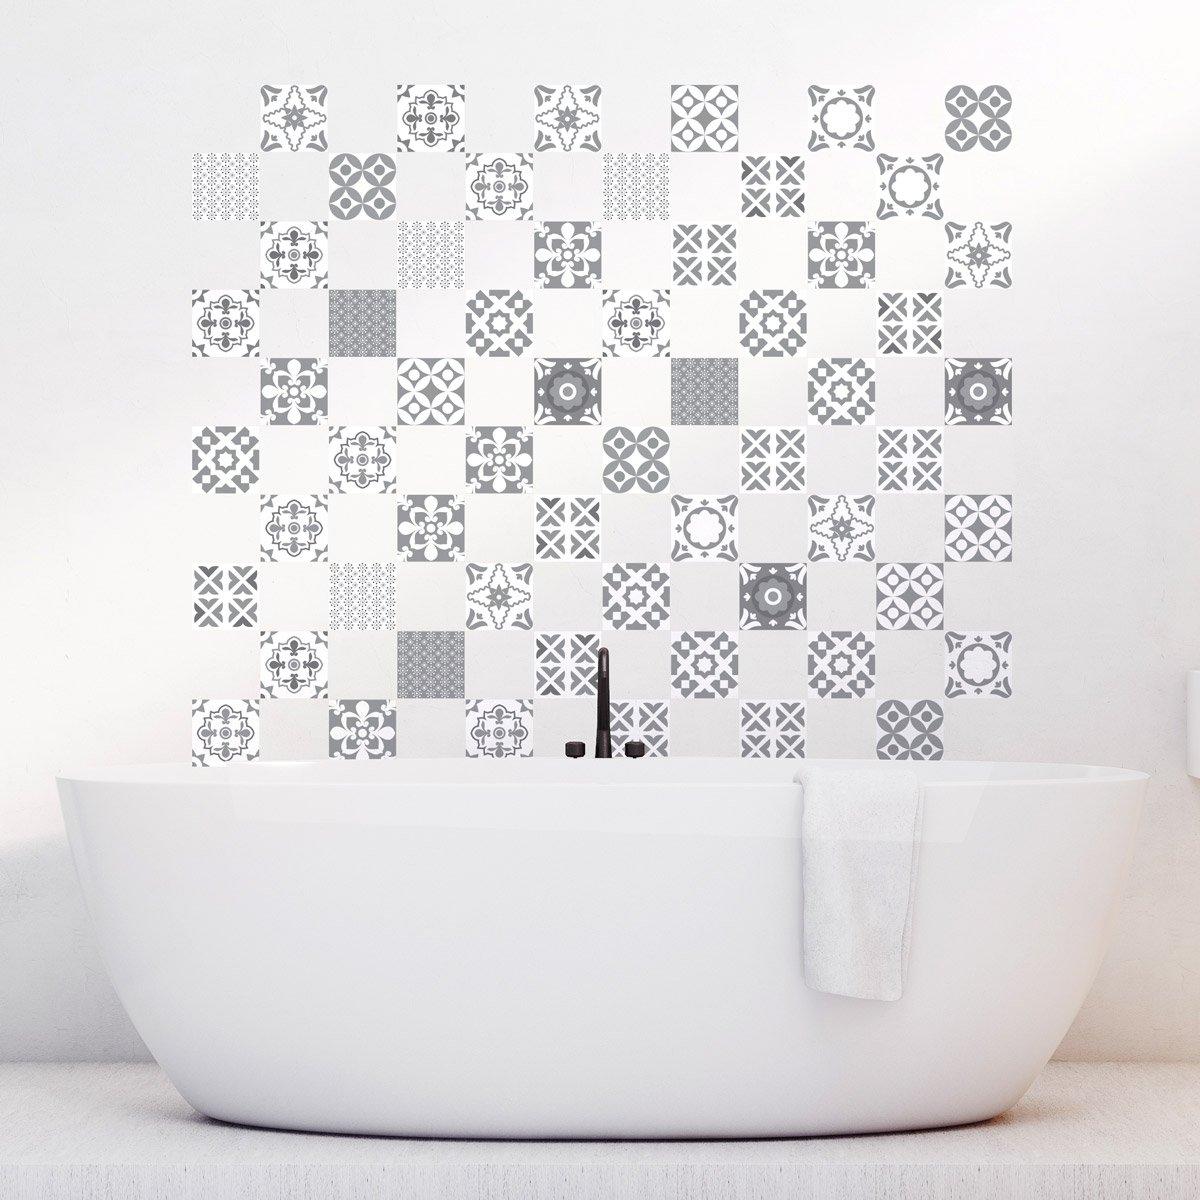 60 Stickers adhésifs carrelages | Sticker Autocollant Carrelage - Mosaïque carrelage mural salle de bain et cuisine | Carrelage adhésif - artistique nuances de gris - 10 x 10 cm - 60 pièces Ambiance-Live